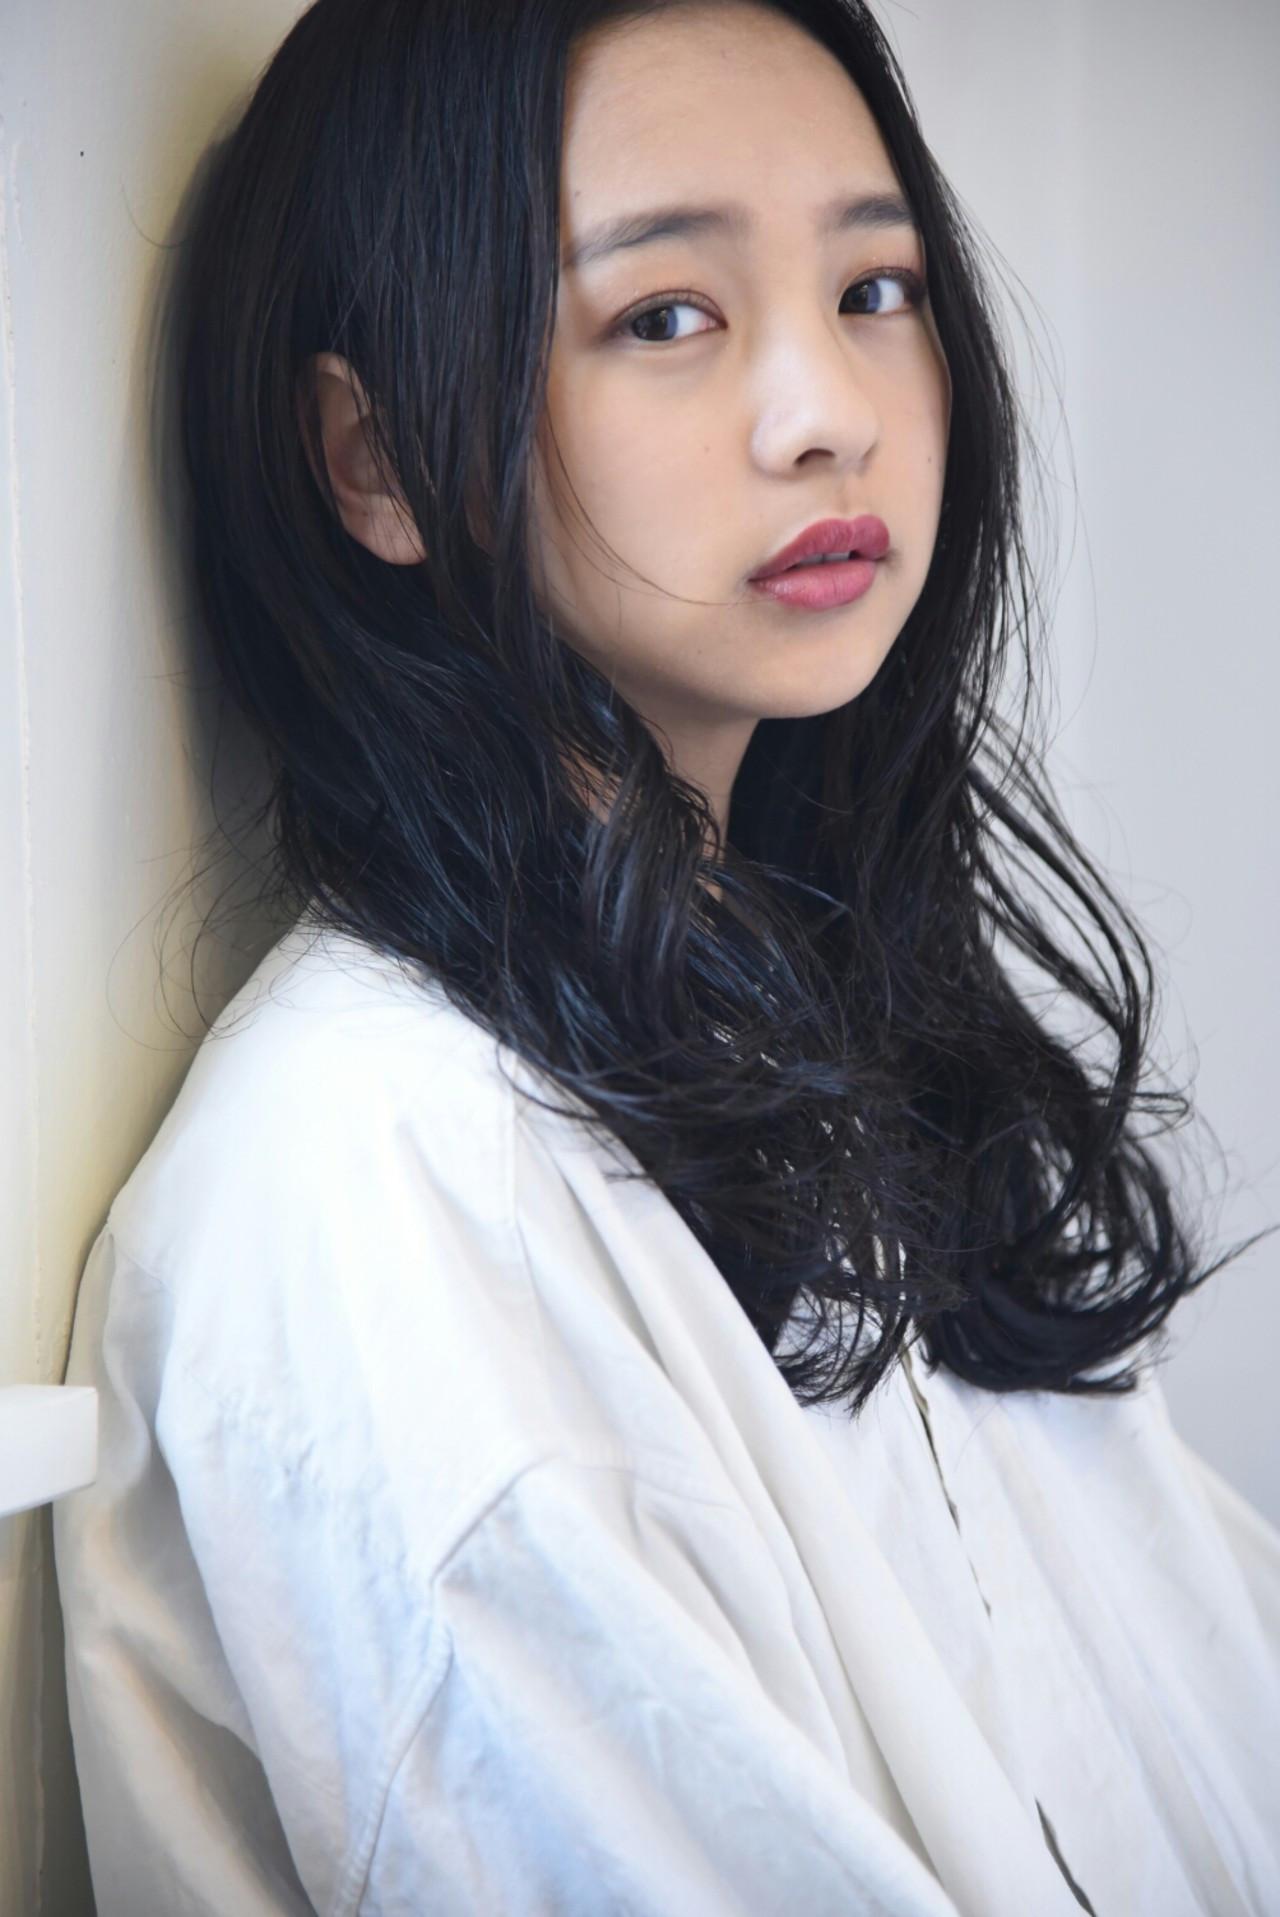 黒髪 フェミニン センターパート 透明感 ヘアスタイルや髪型の写真・画像